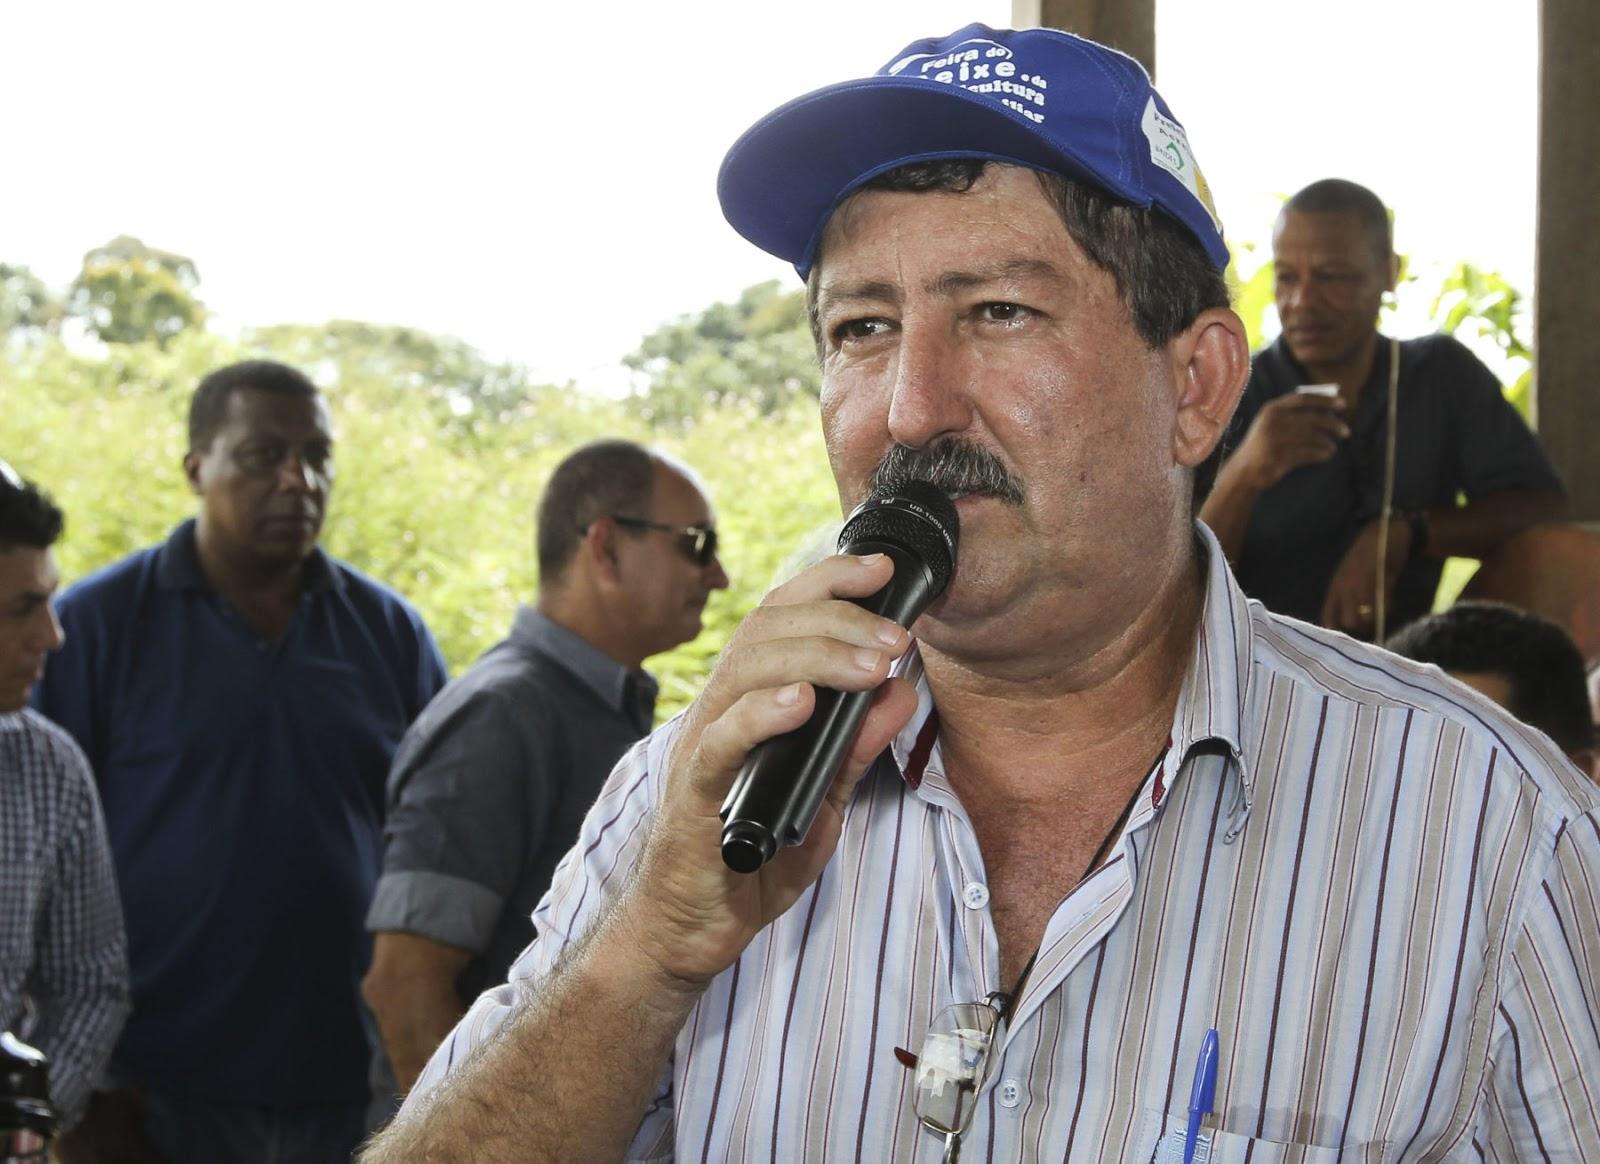 Prefeito Caetano tira município de Acrelândia da inadimplência após vários anos.